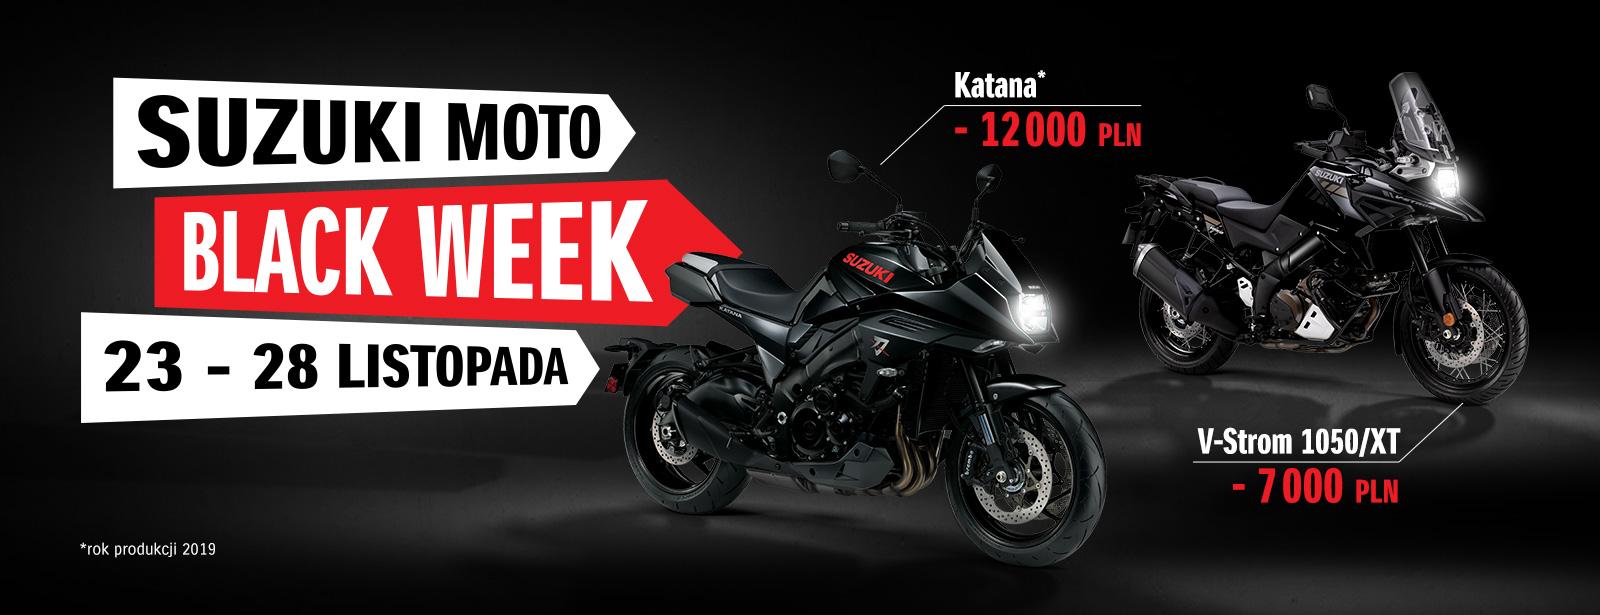 Suzuki Black Week